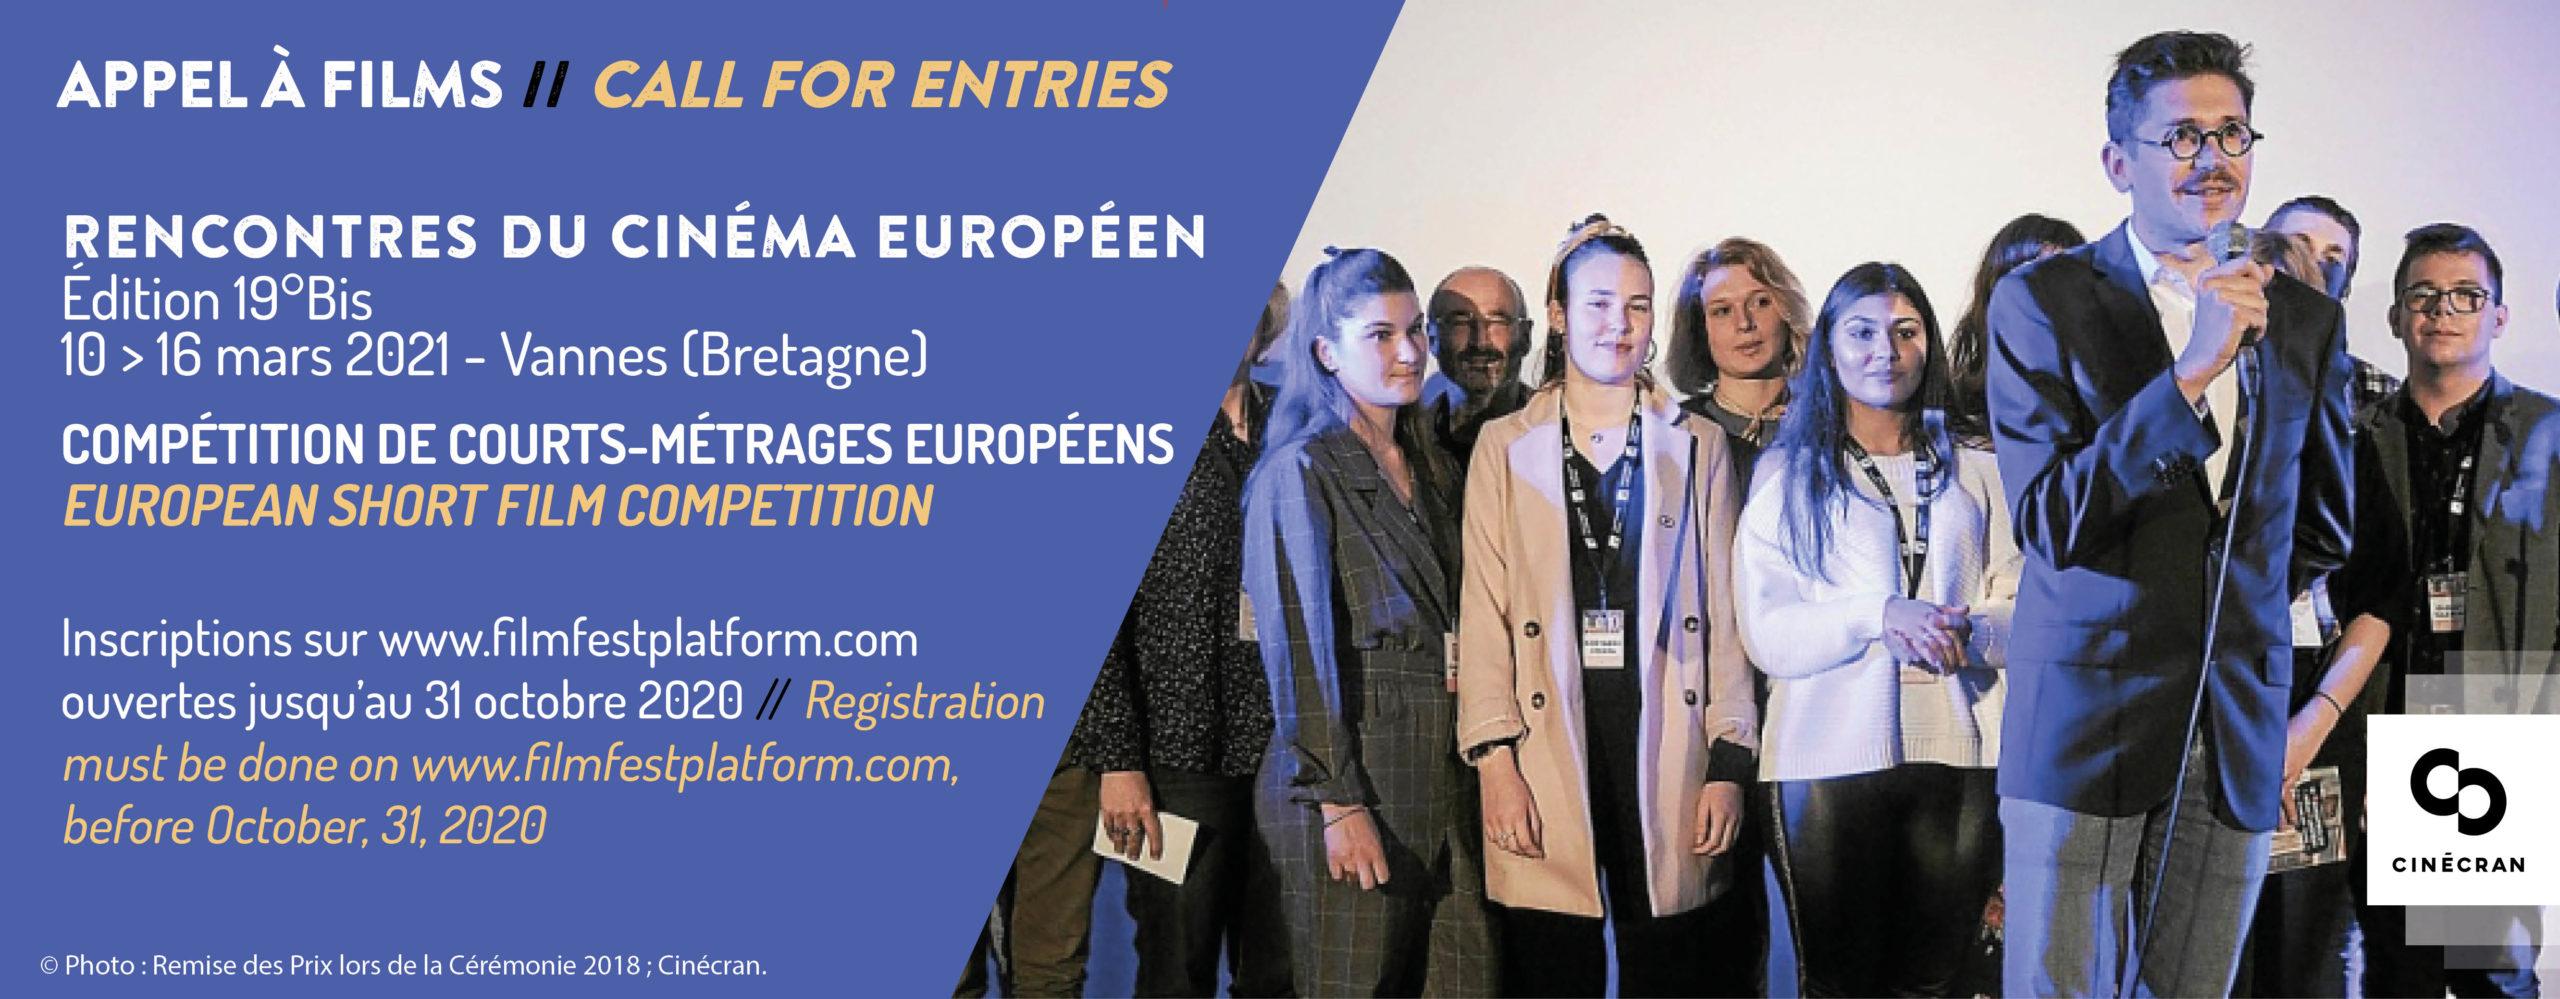 Appel à films_Euro2021